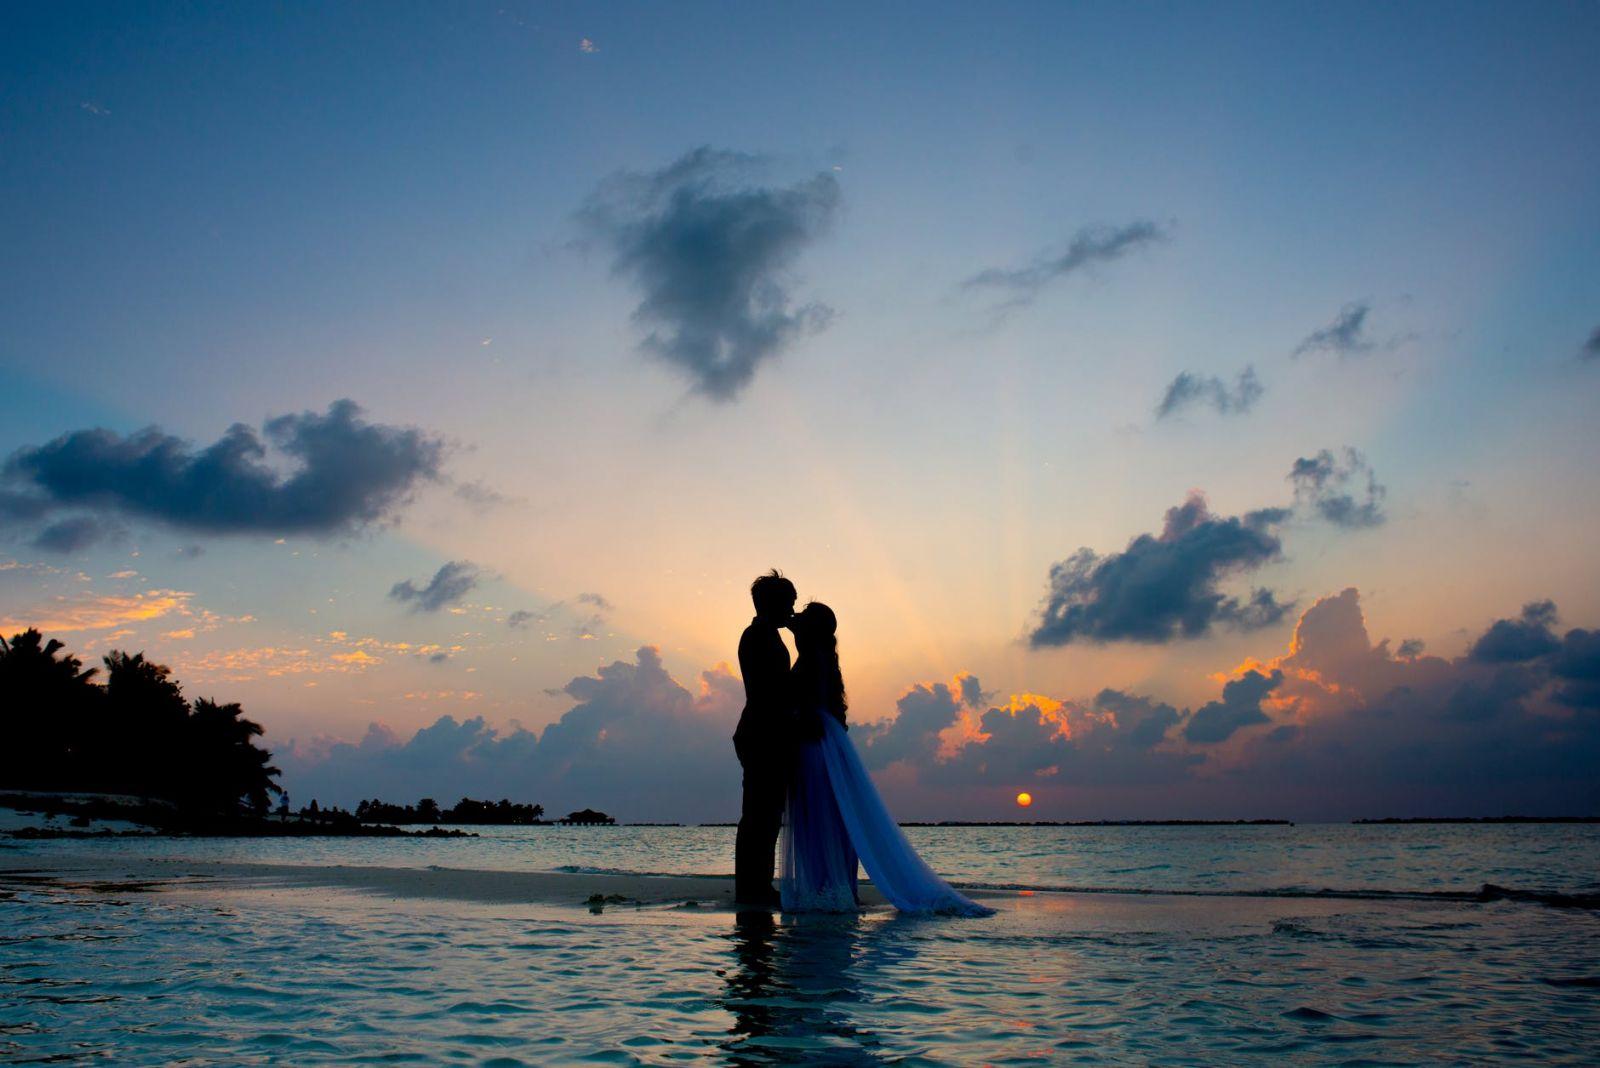 Ljubavni horoskop najavljuje značajno poboljšanje na ljubavnom planu